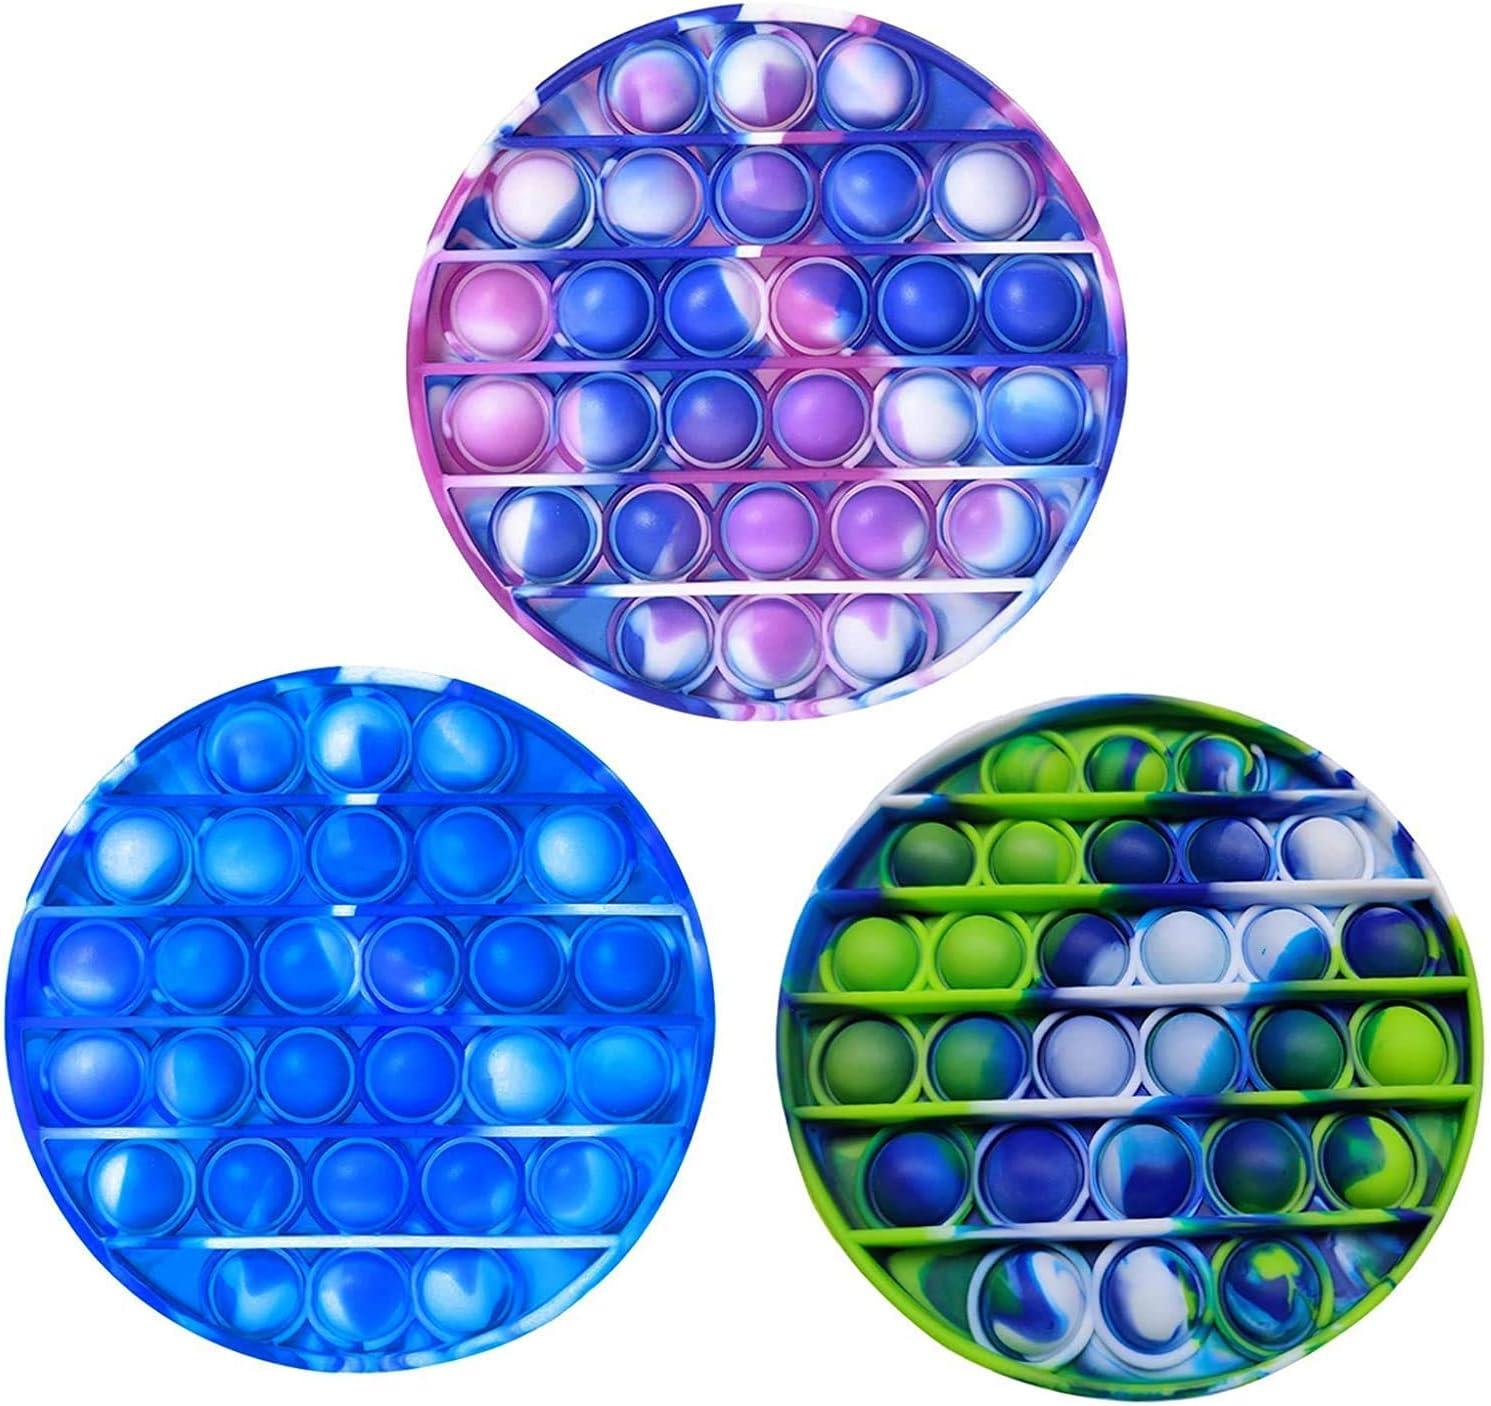 NUENUN 3PCS Silicone Tie-dye Push pop Bubble Fidget Toy, Autism